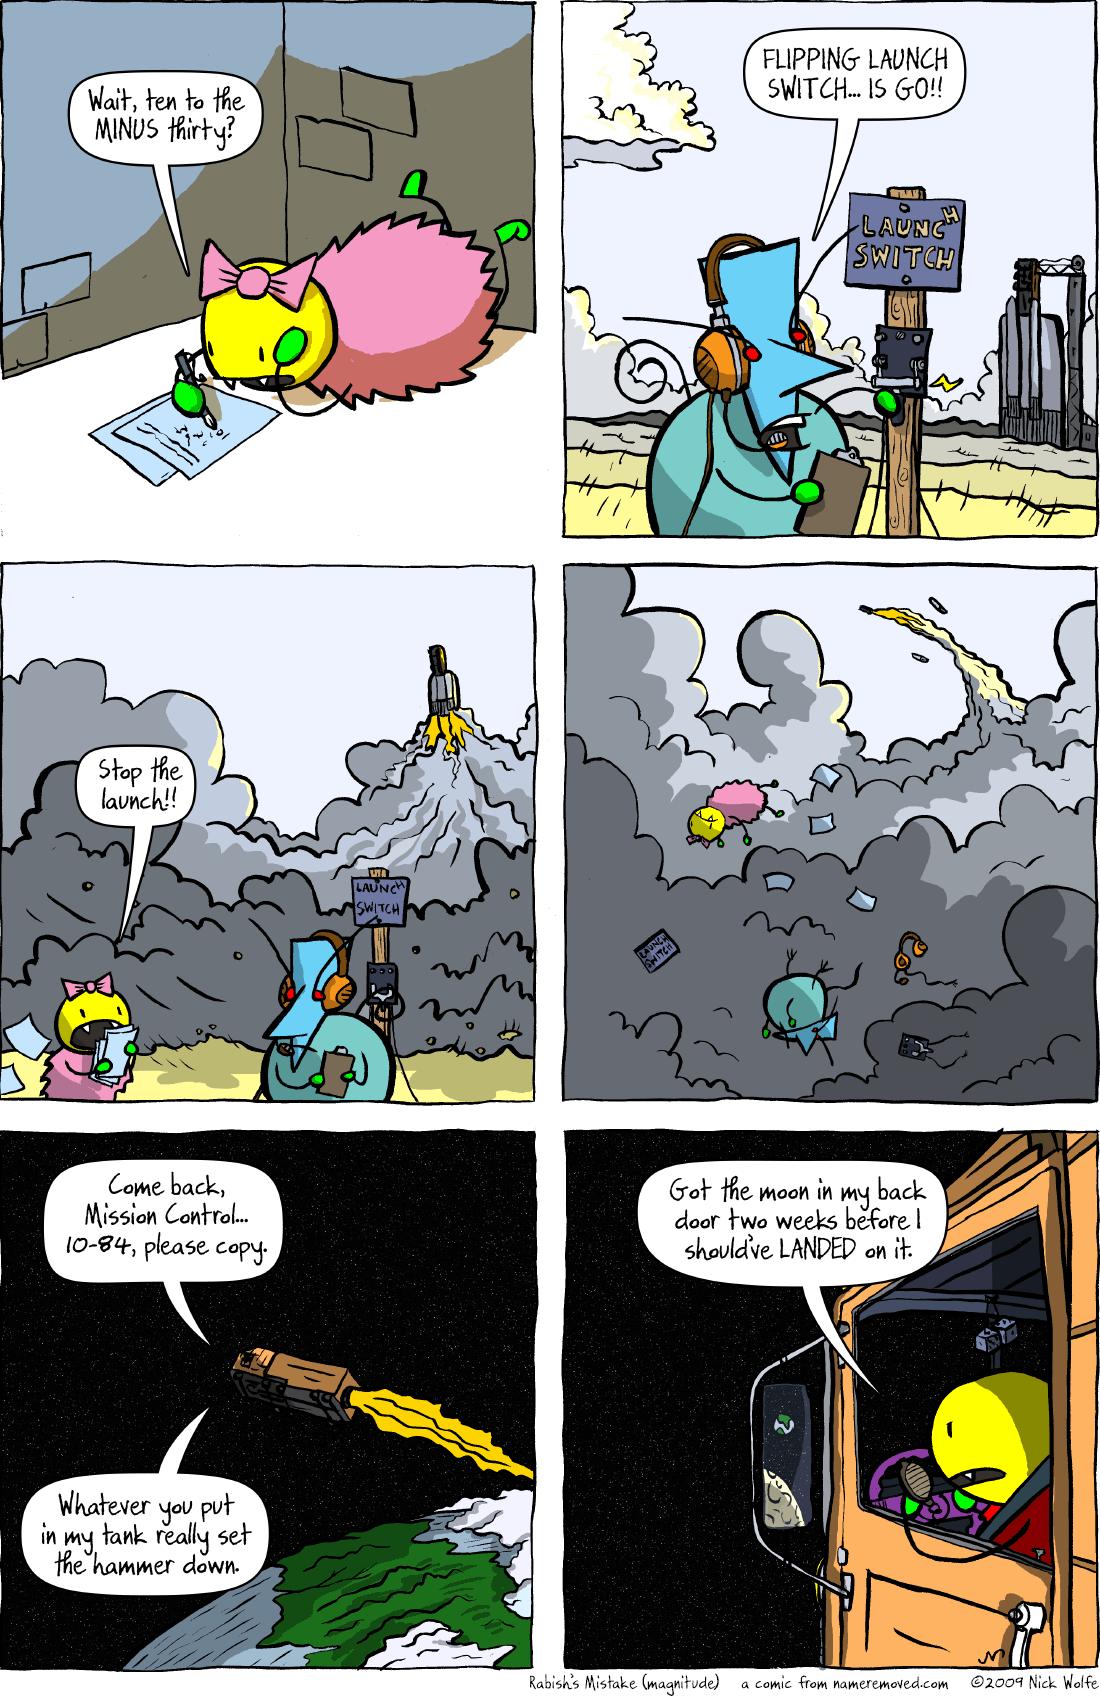 Rabish's Mistake (magnitude)